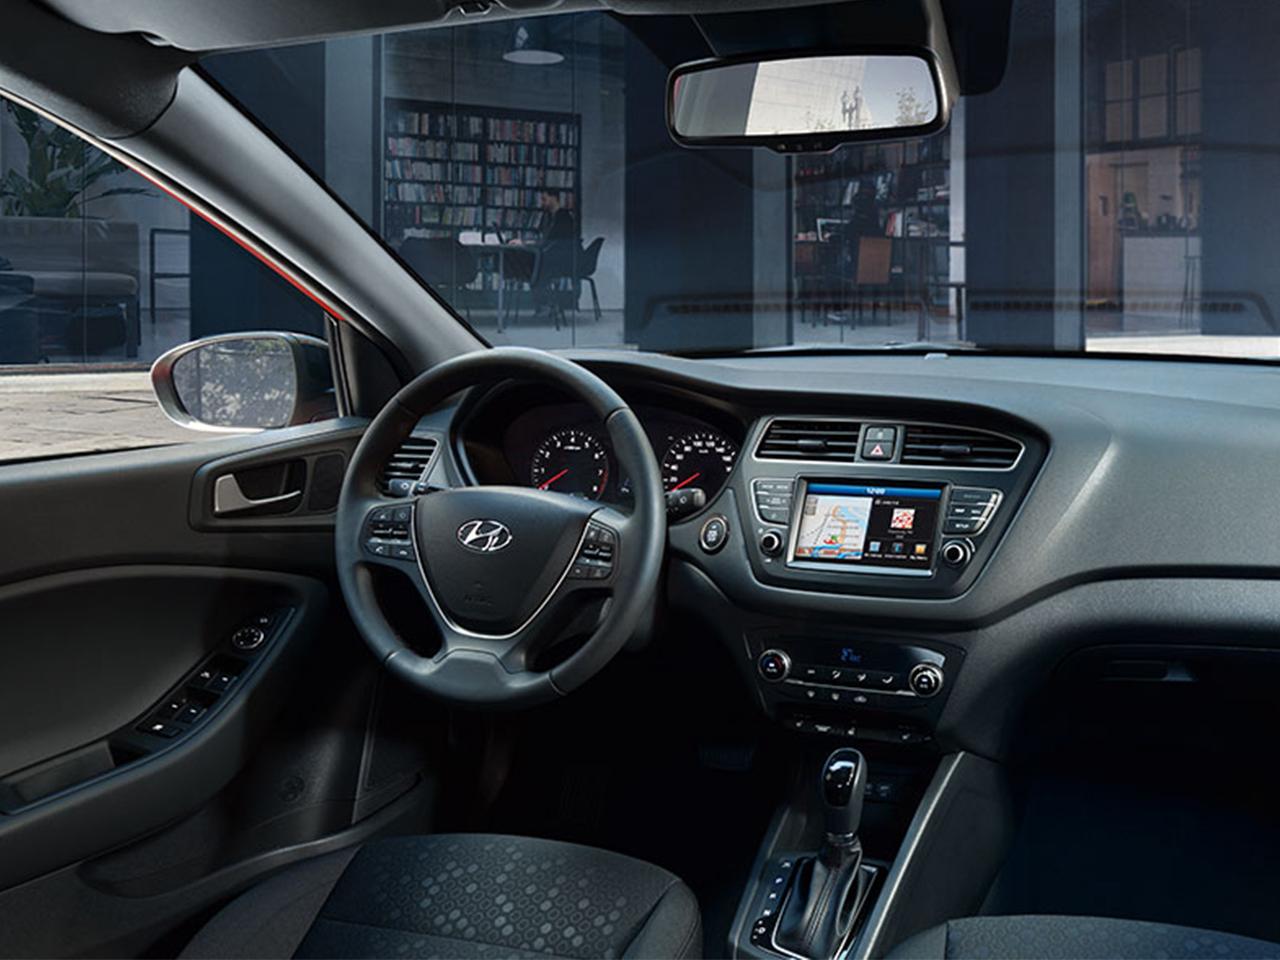 Hyundai i20 besti minni fólksbíllinn að mati Auto Bild